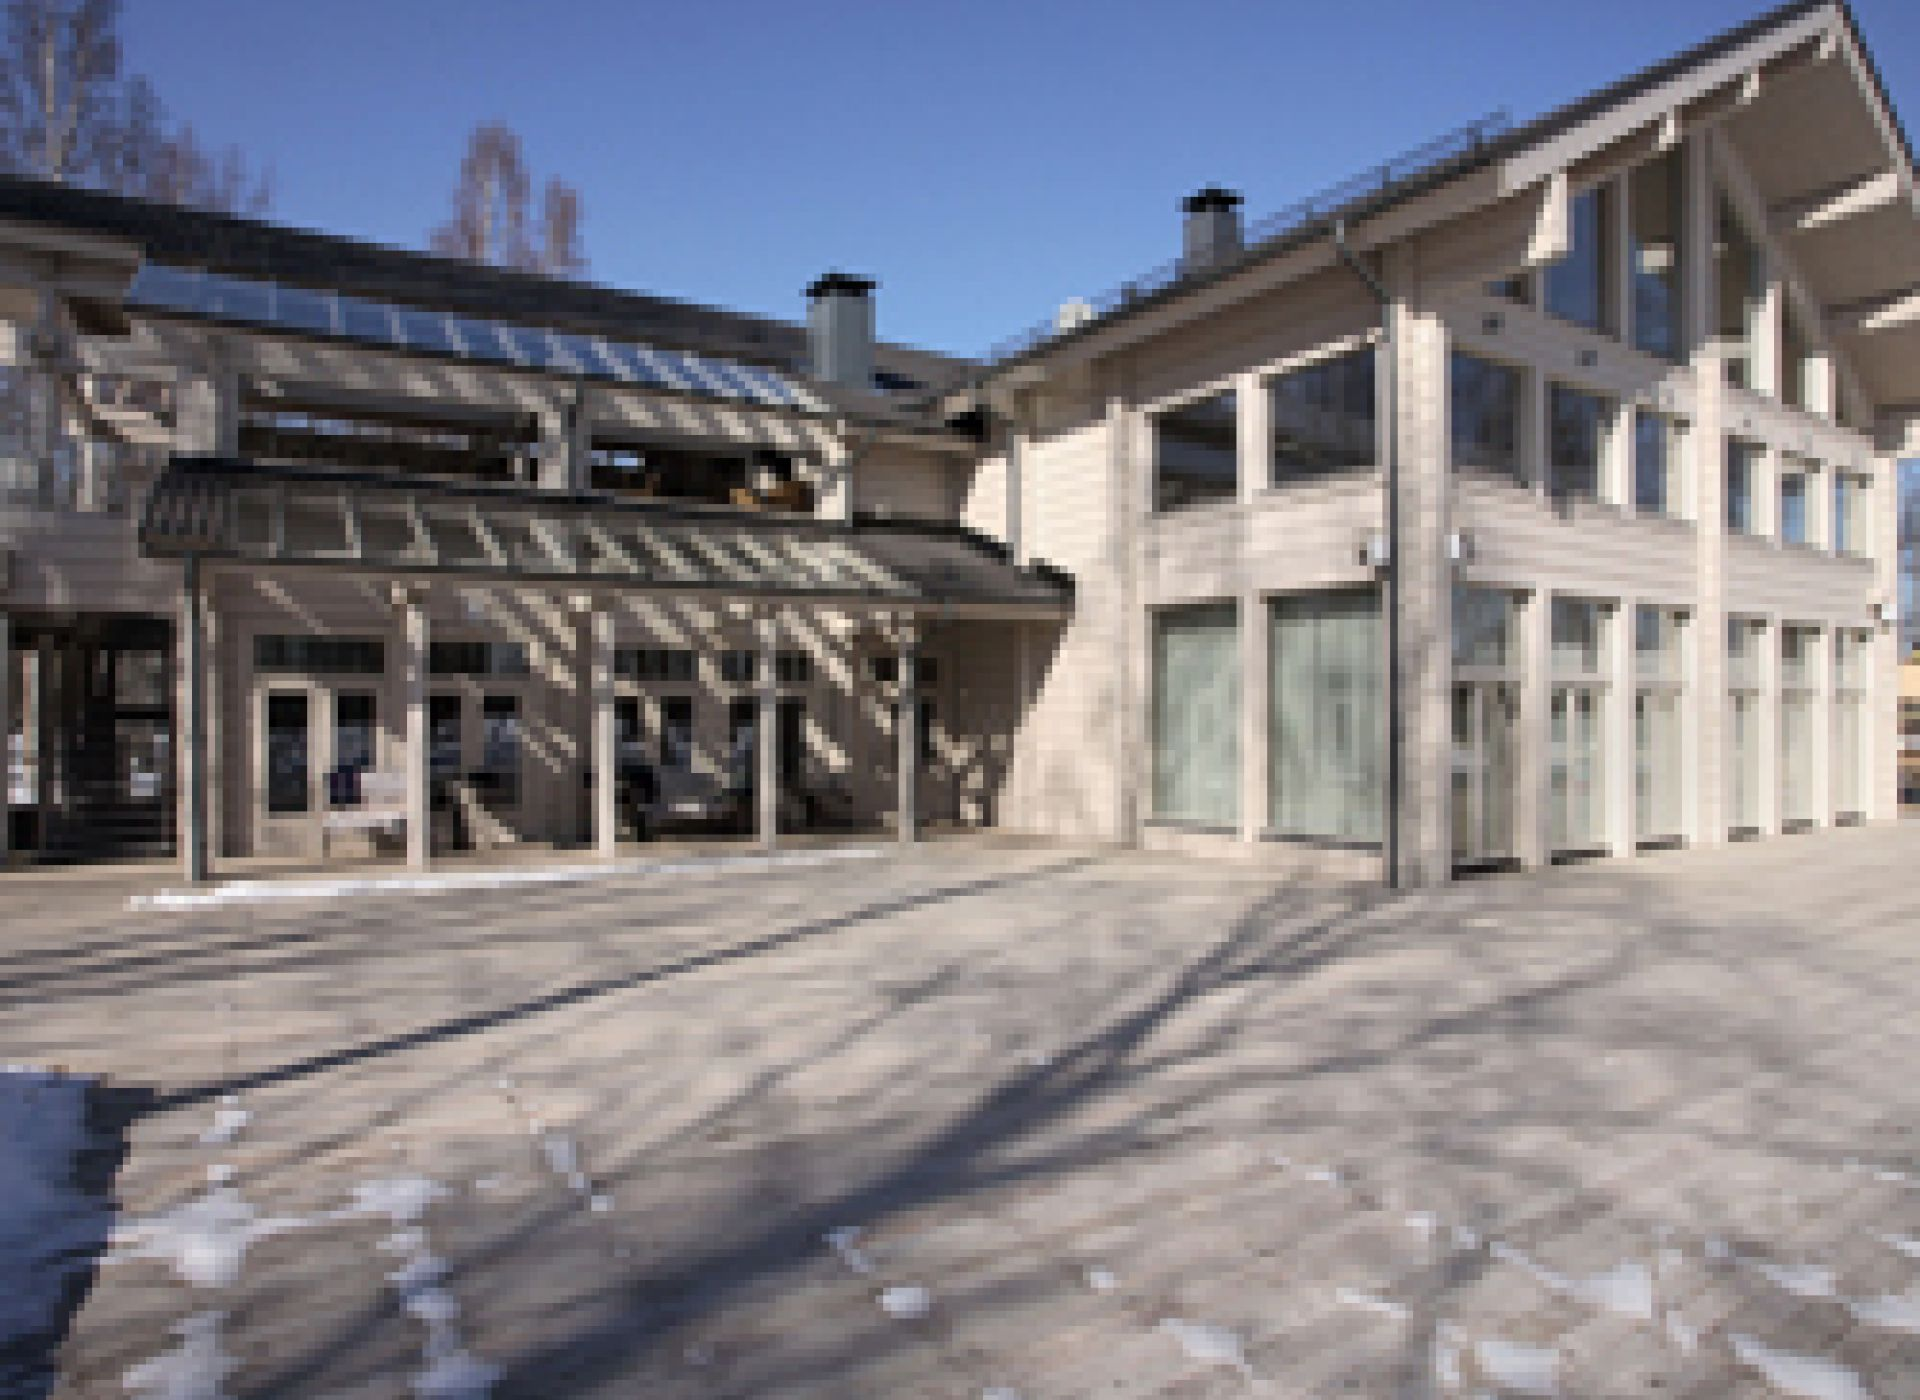 Новый загородный ресторан «Рыба на даче» откроется скоро в Курортном районе Санкт-Петербурга